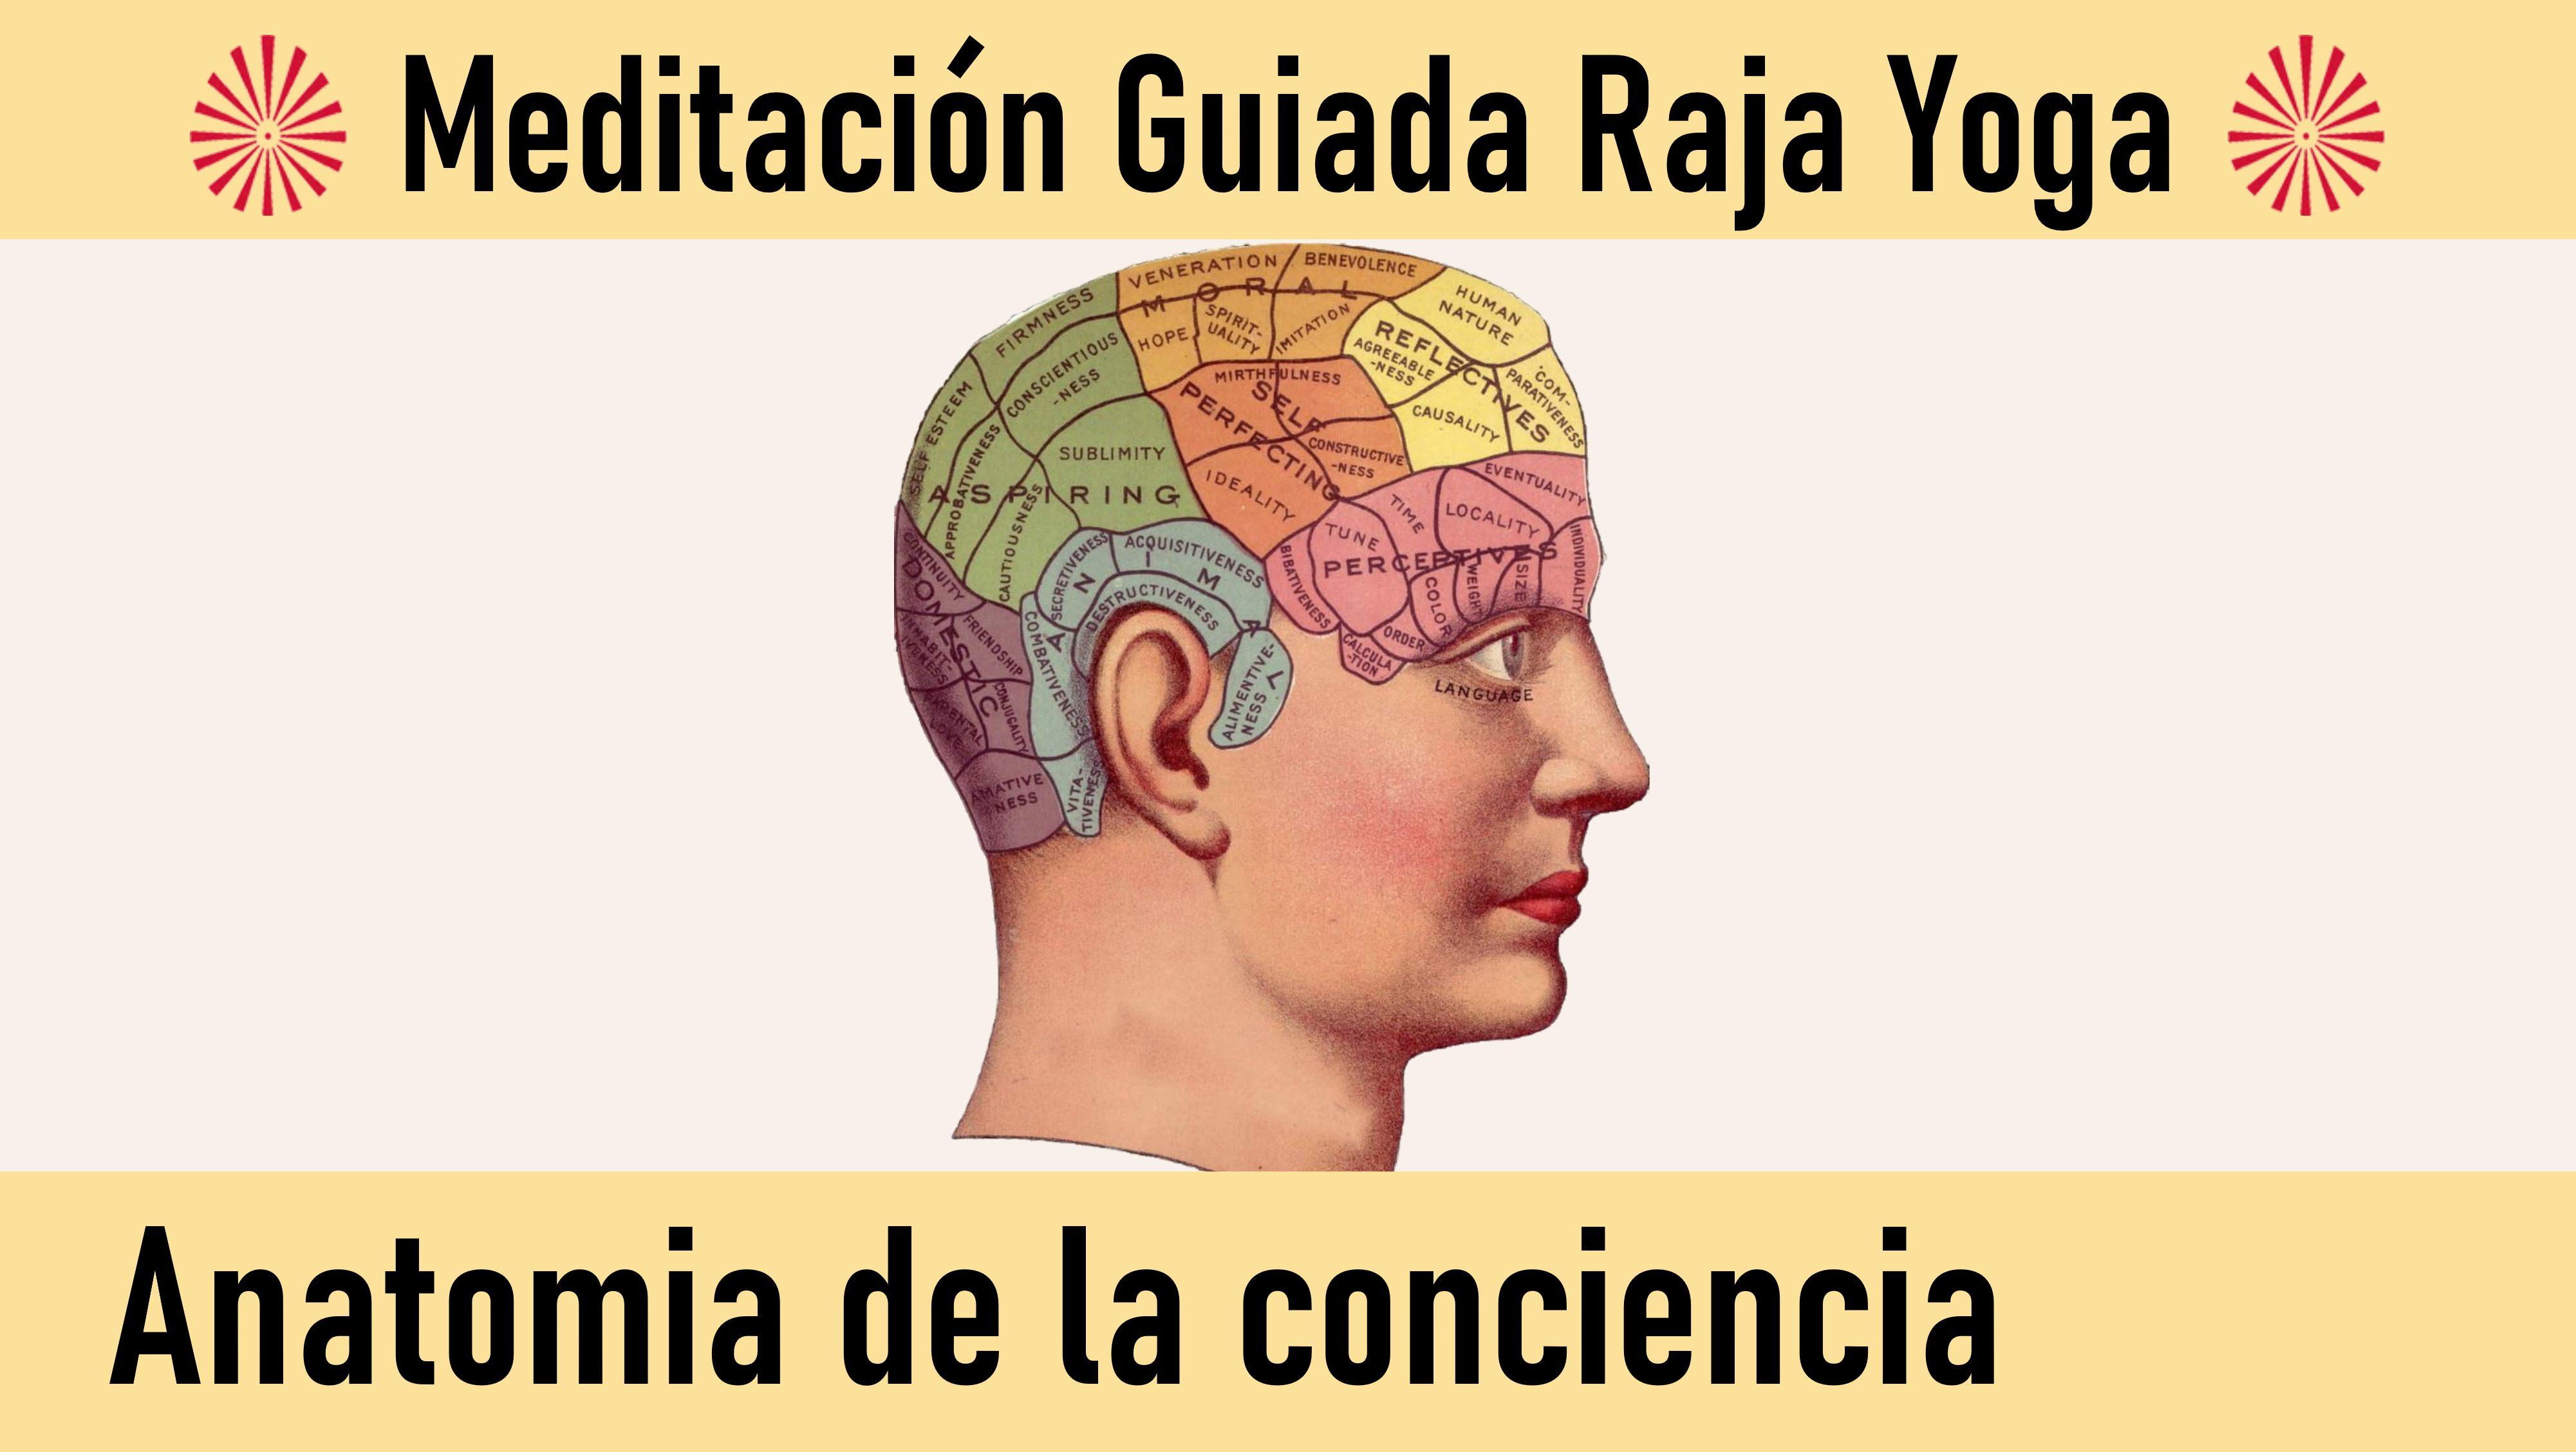 14 Julio 2020 Meditación Guiada: Anatomía de la conciencia